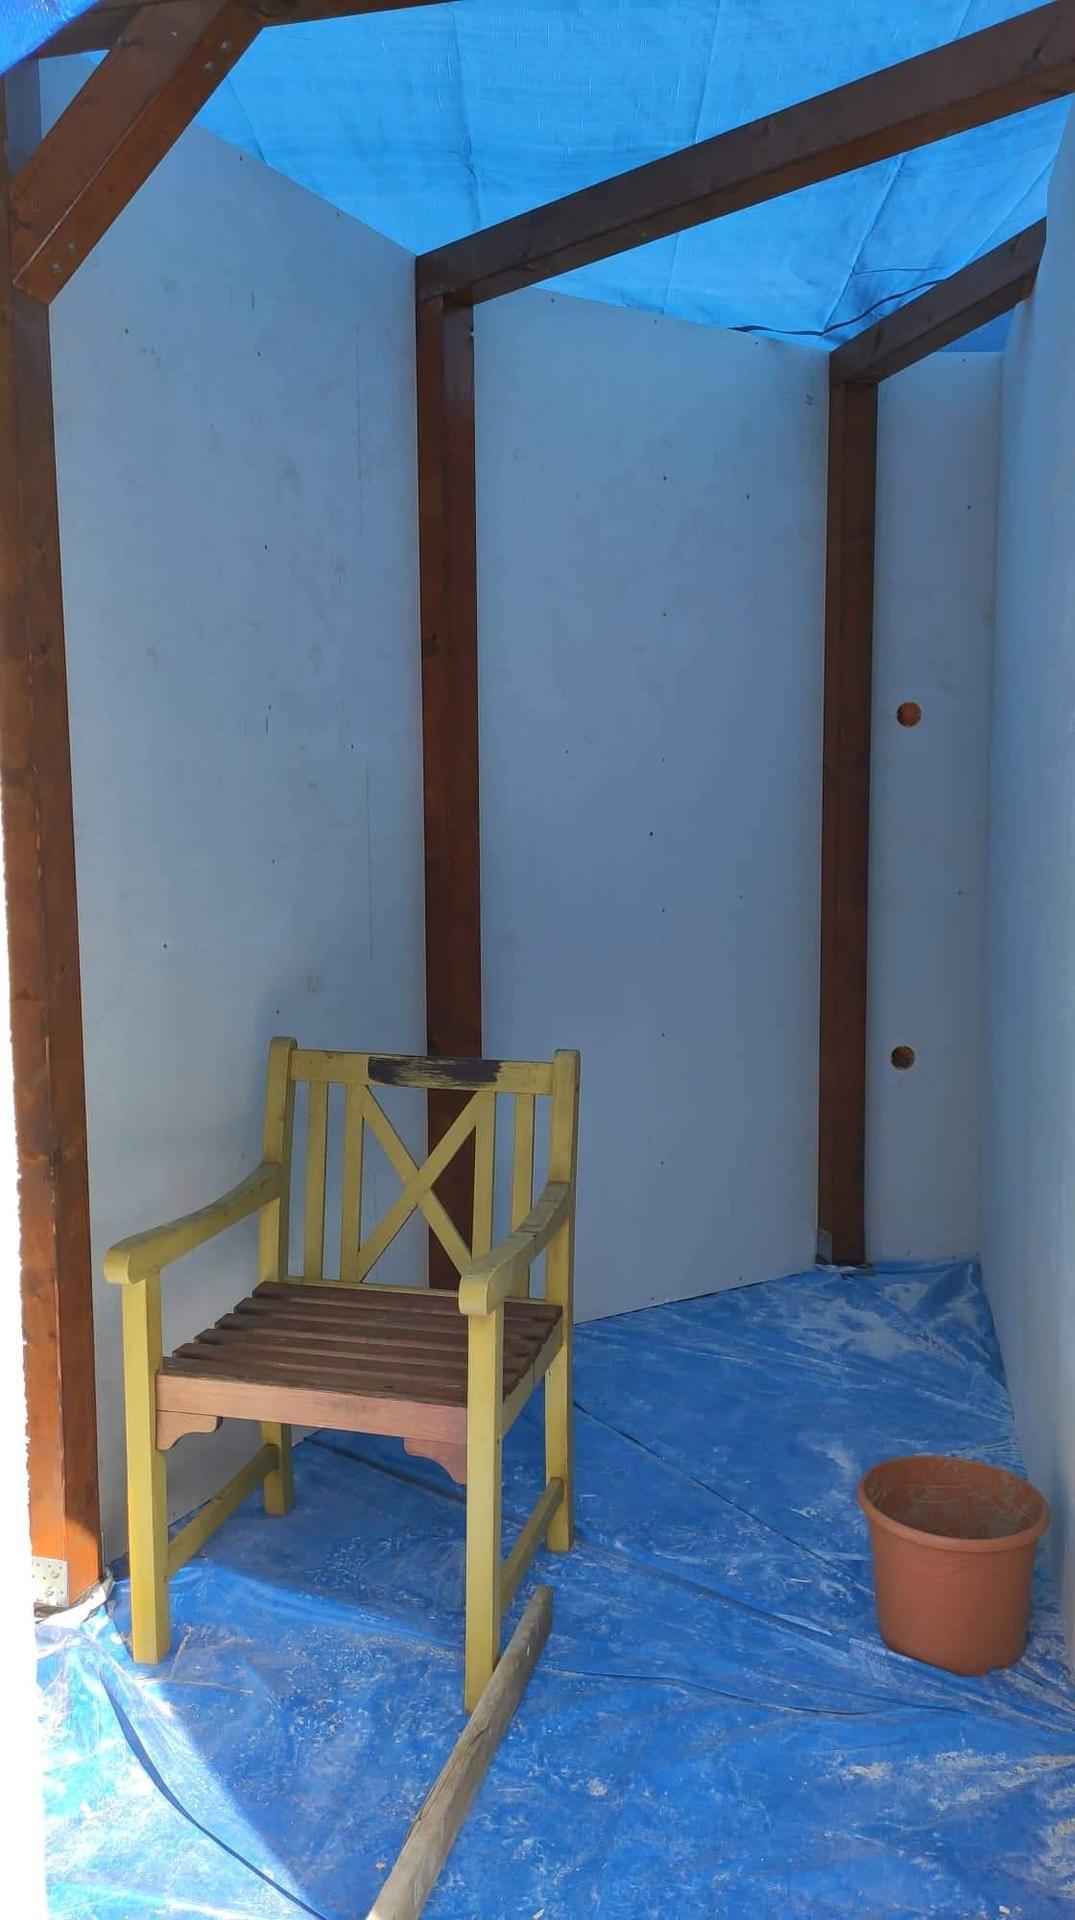 Relaxačný domček sauna a oddychová miestnosť ... plány, príprava a realizácia - Obrázok č. 84